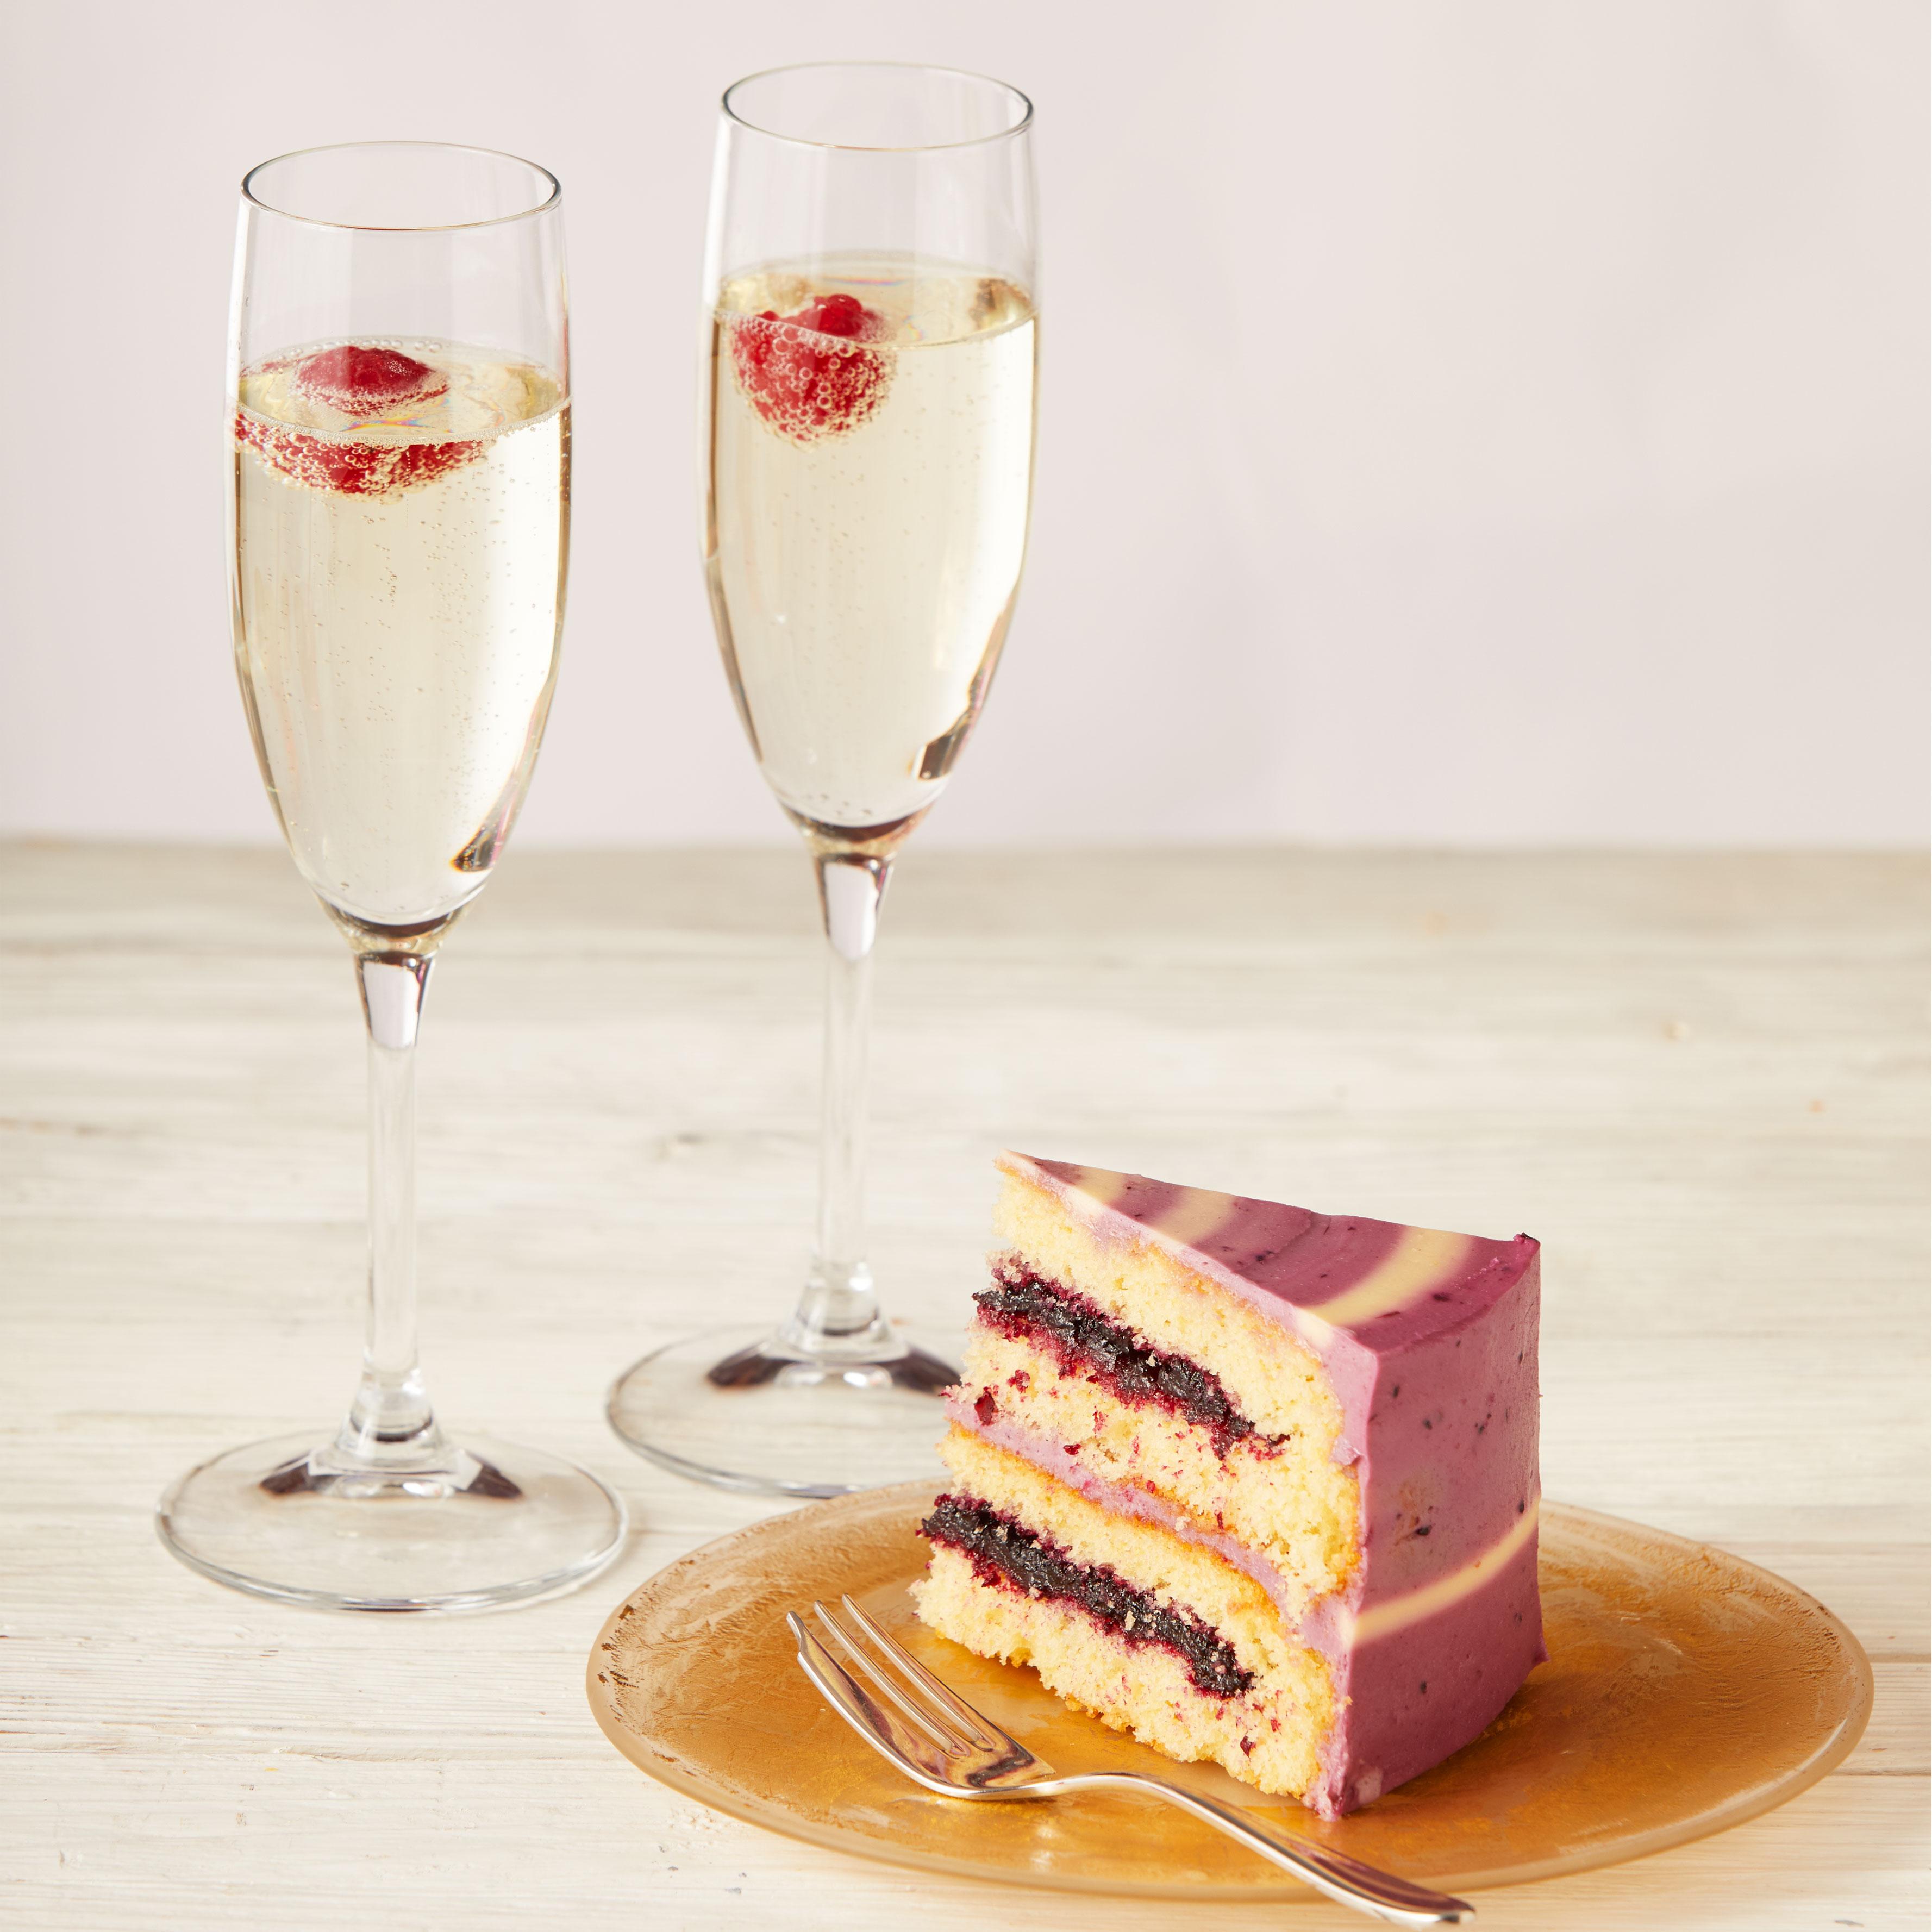 Bottomless Cake & Prosecco